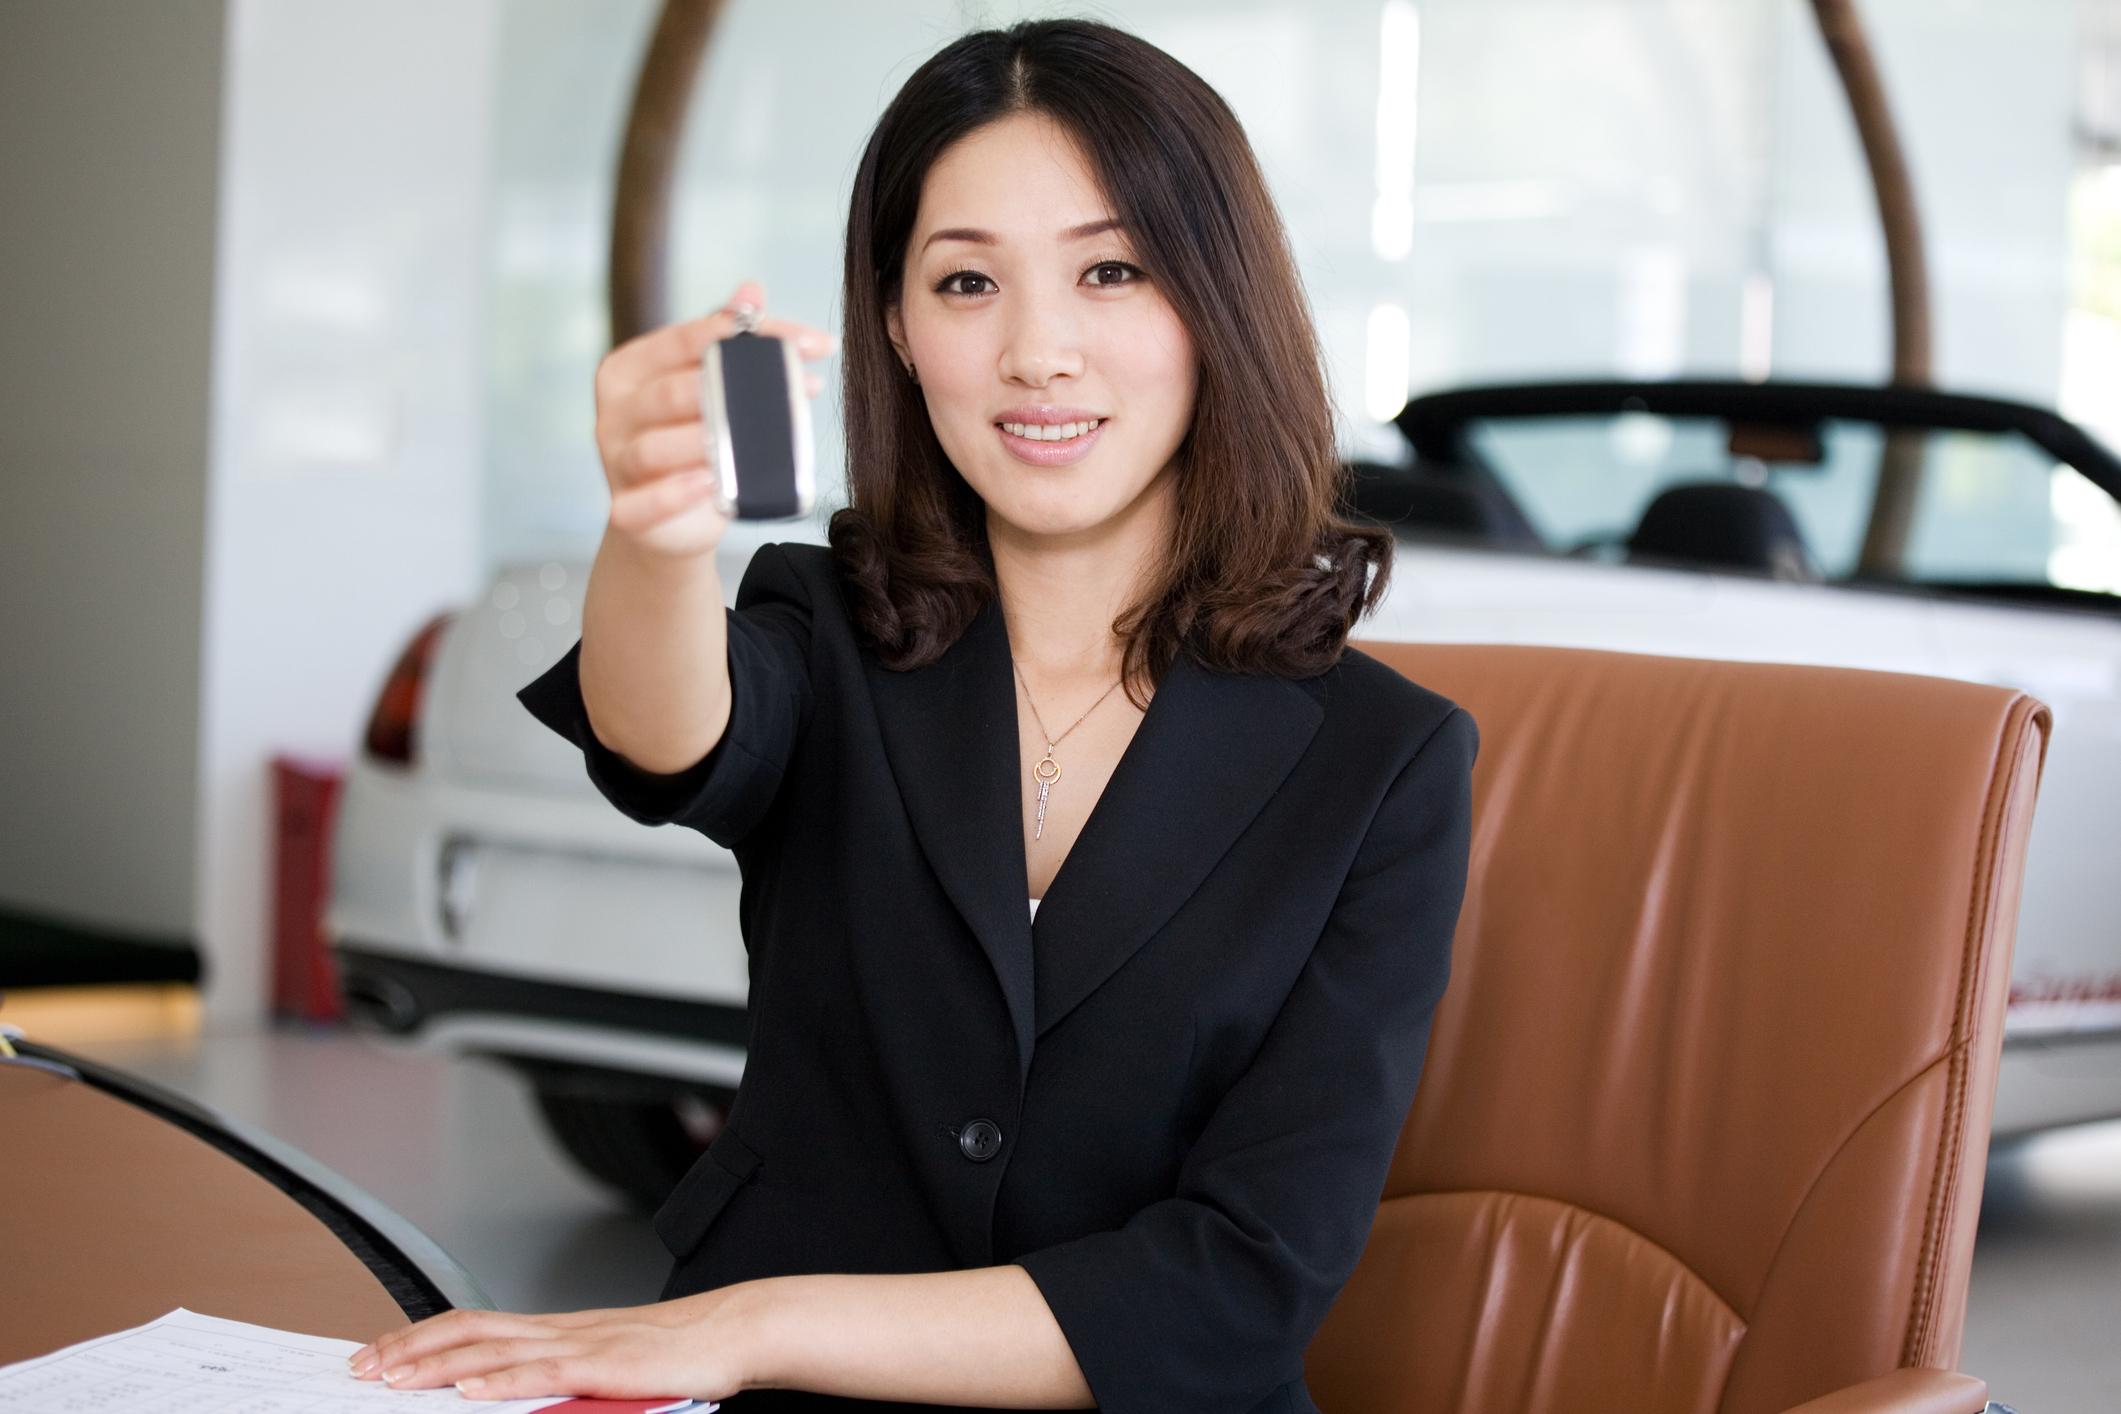 A auto dealer representative hands over the keys to a car.